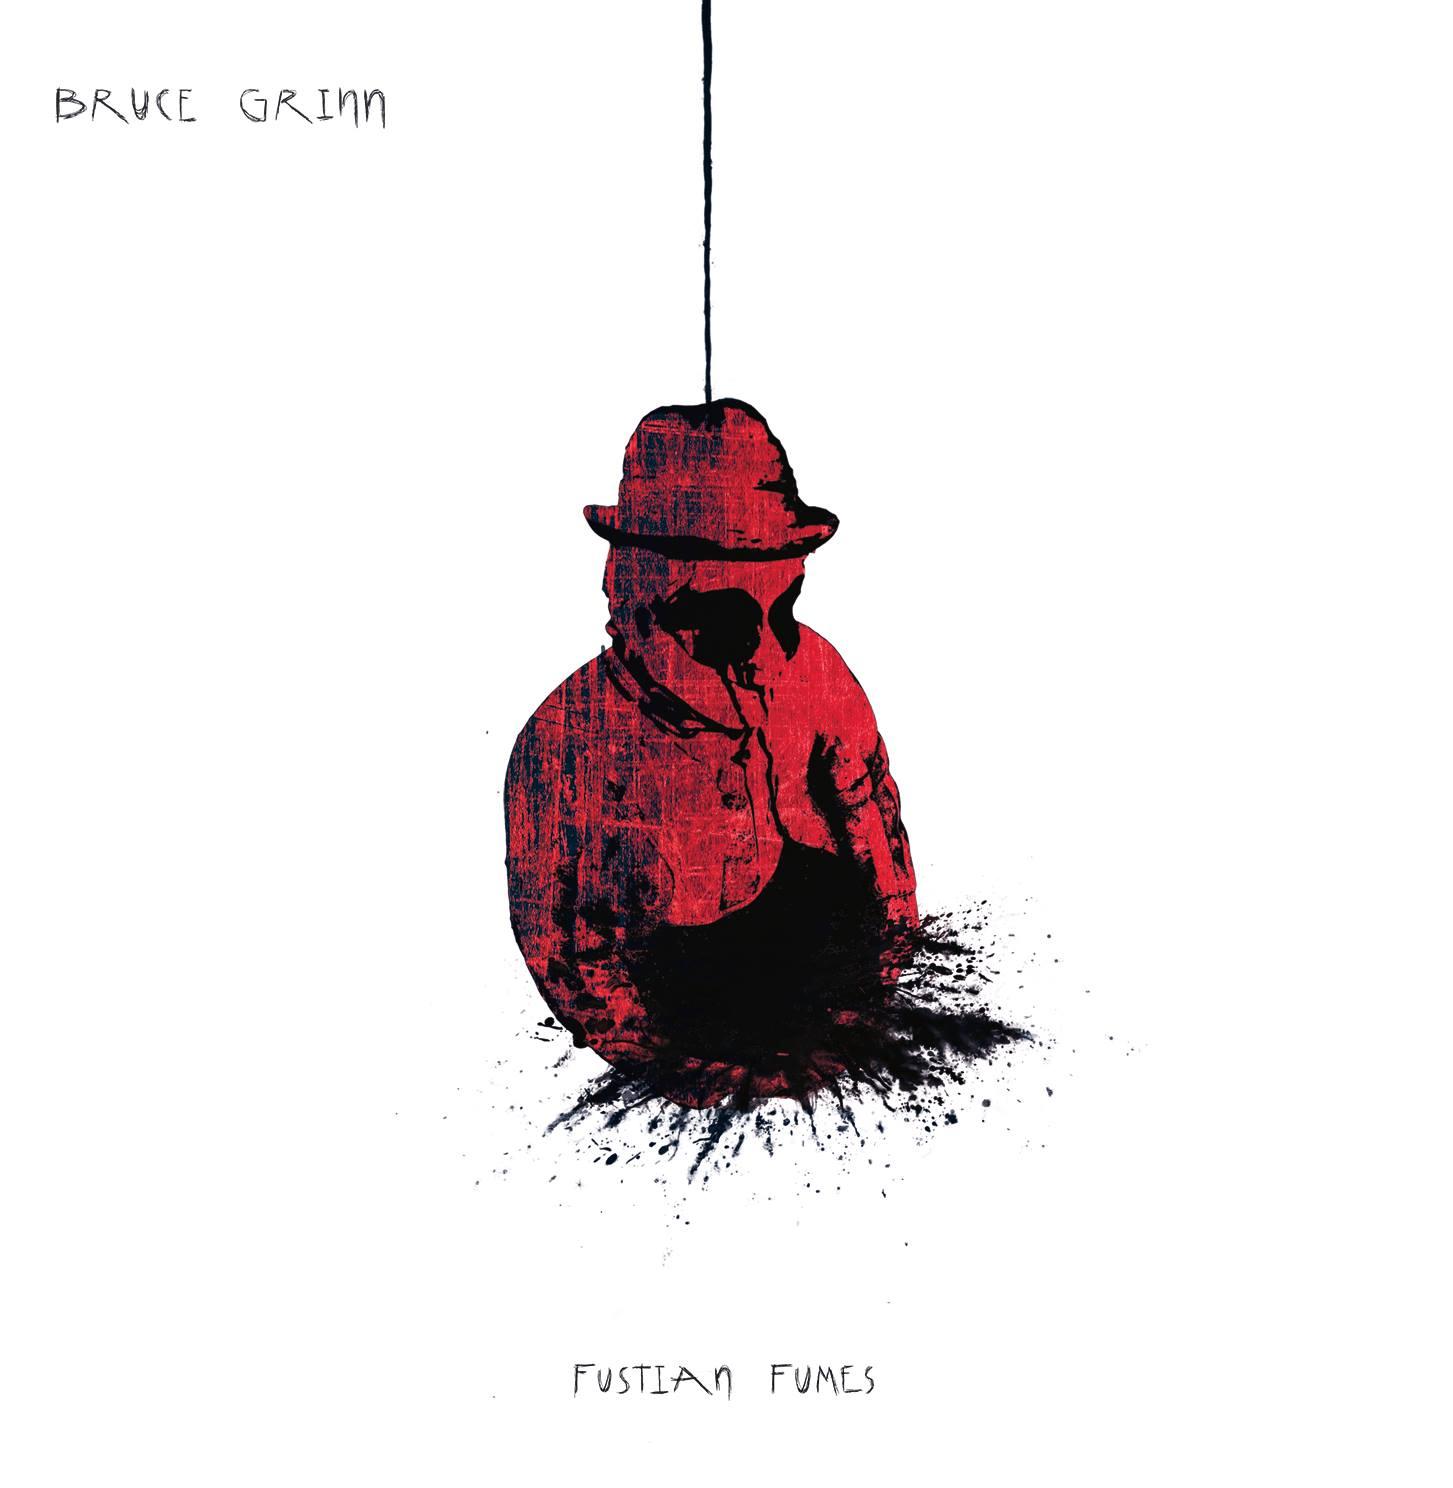 portada del album Fustian Fumes